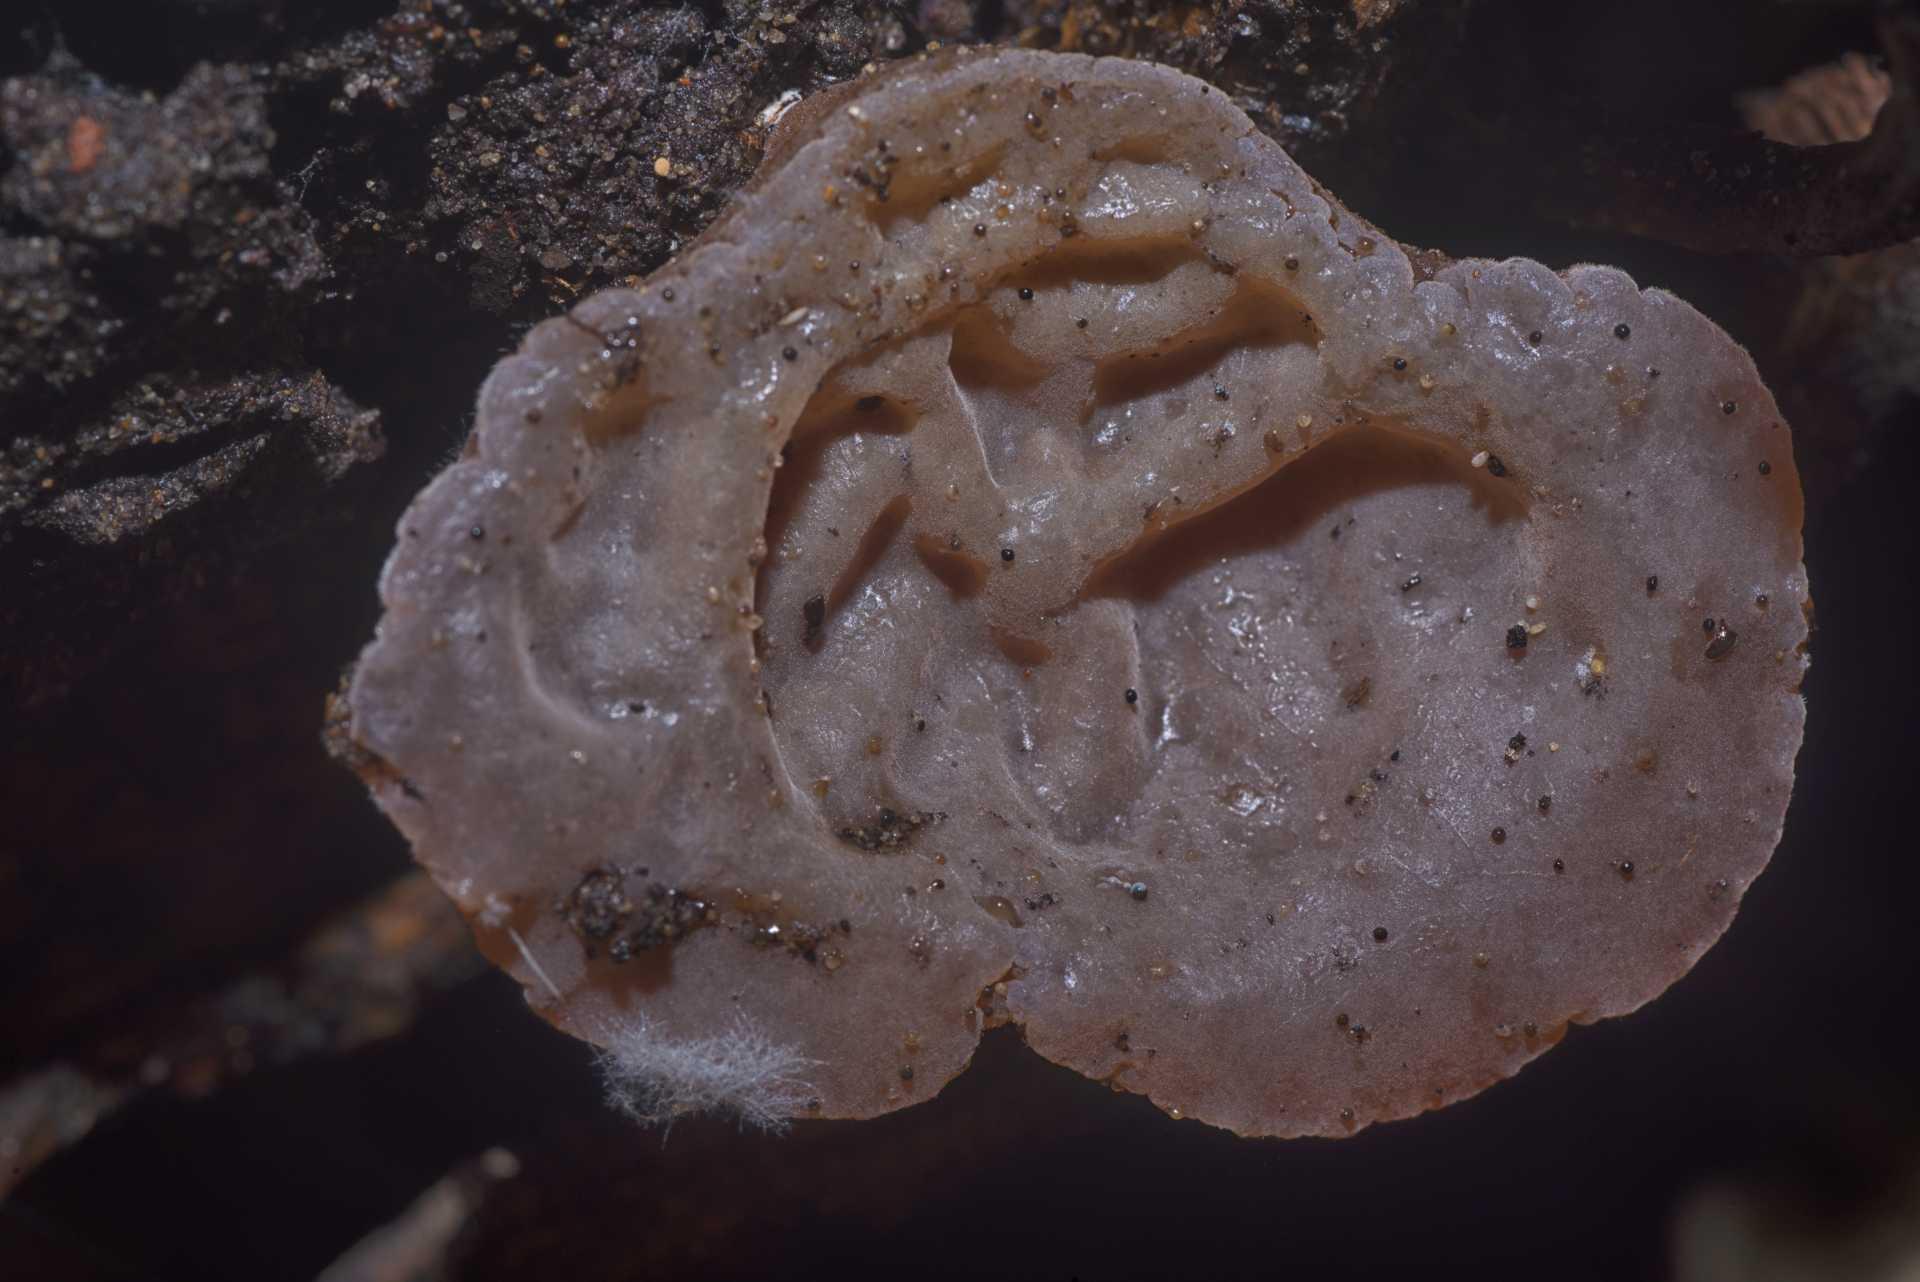 L'orecchietta di Giuda, il fungo da cercare sul legno morto